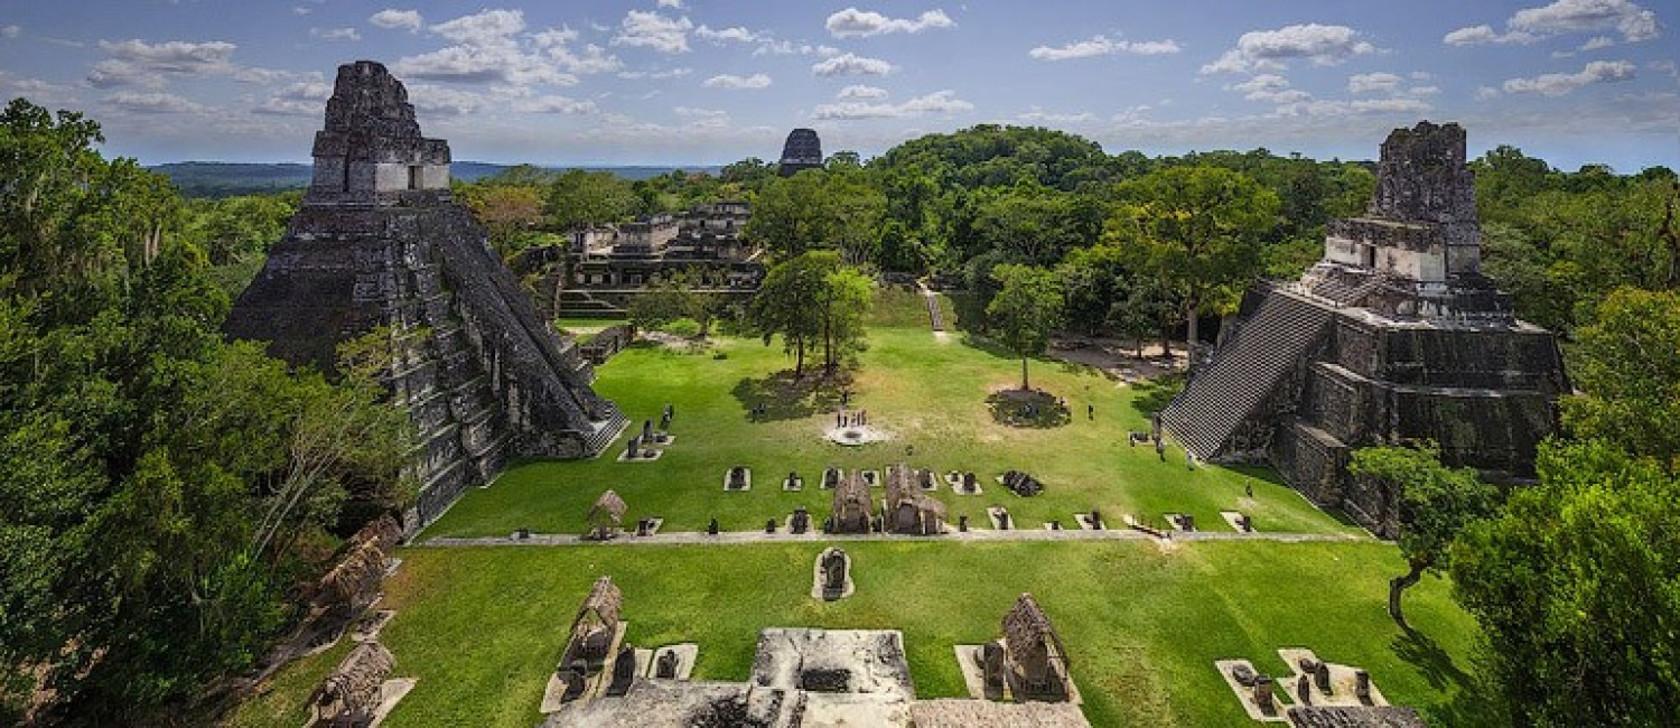 Тикаль - древний город майя в Гватемале